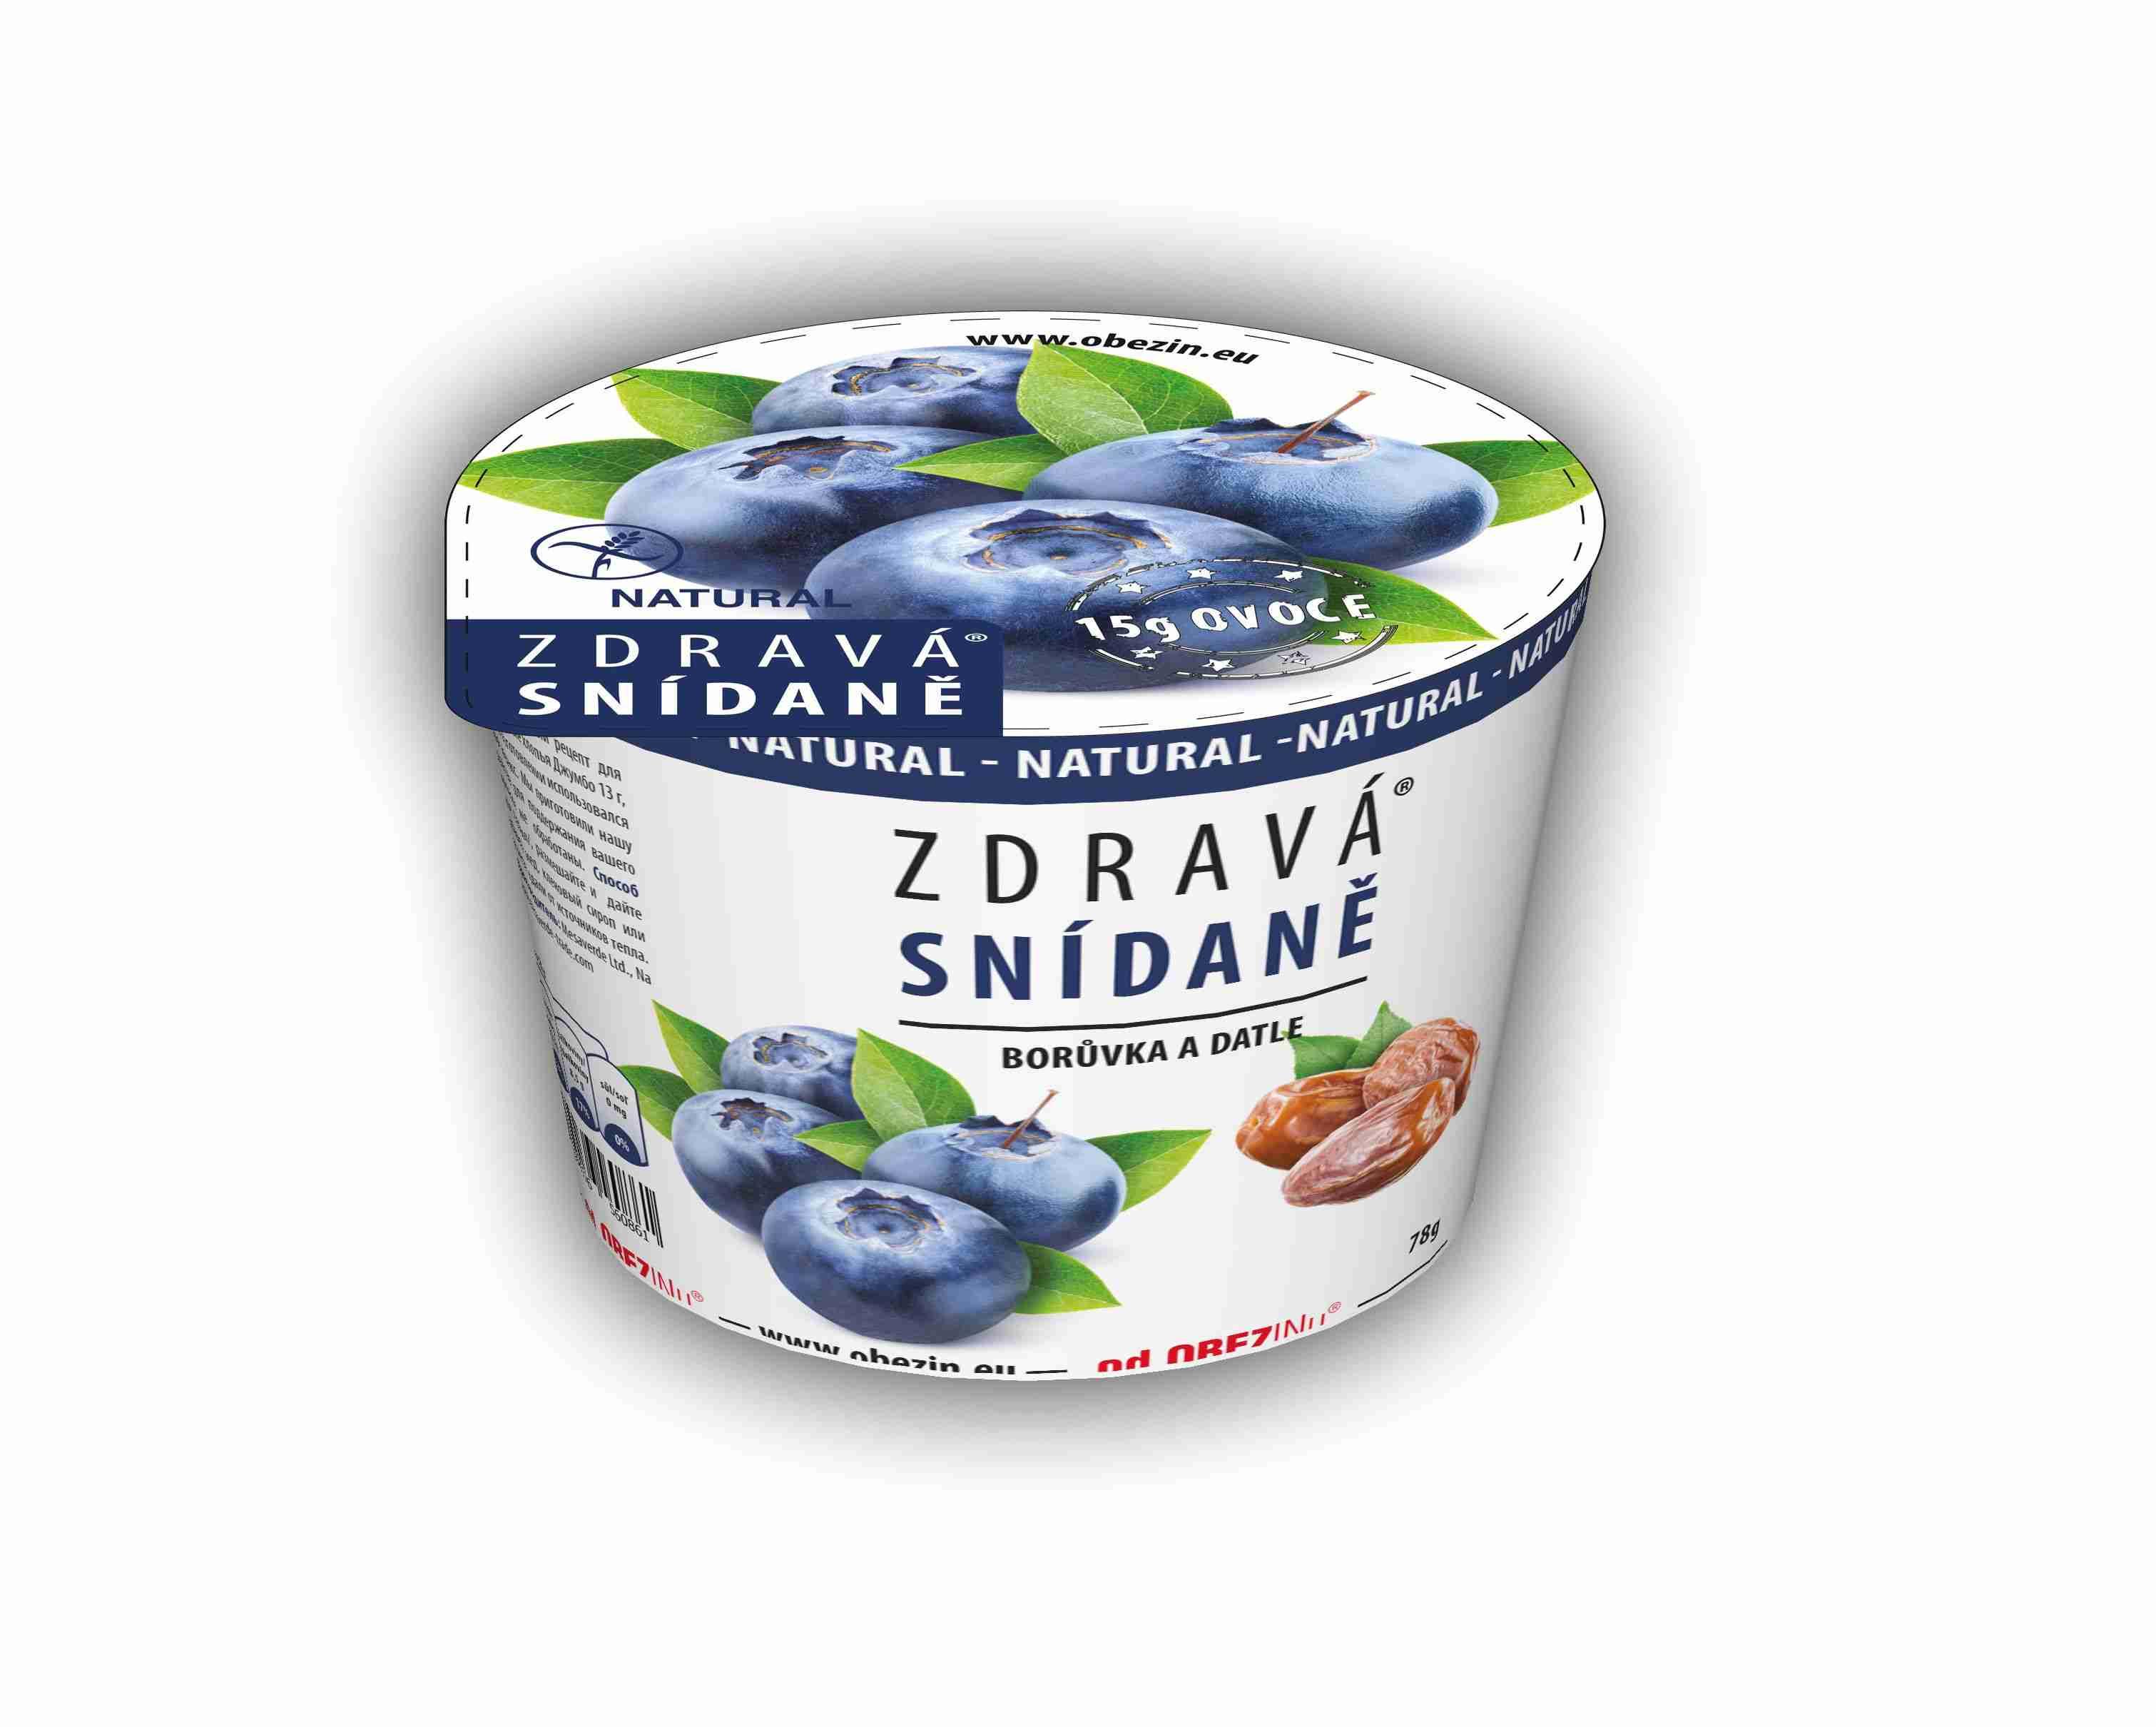 Danare Zdravá snídaně - Borůvky a datle